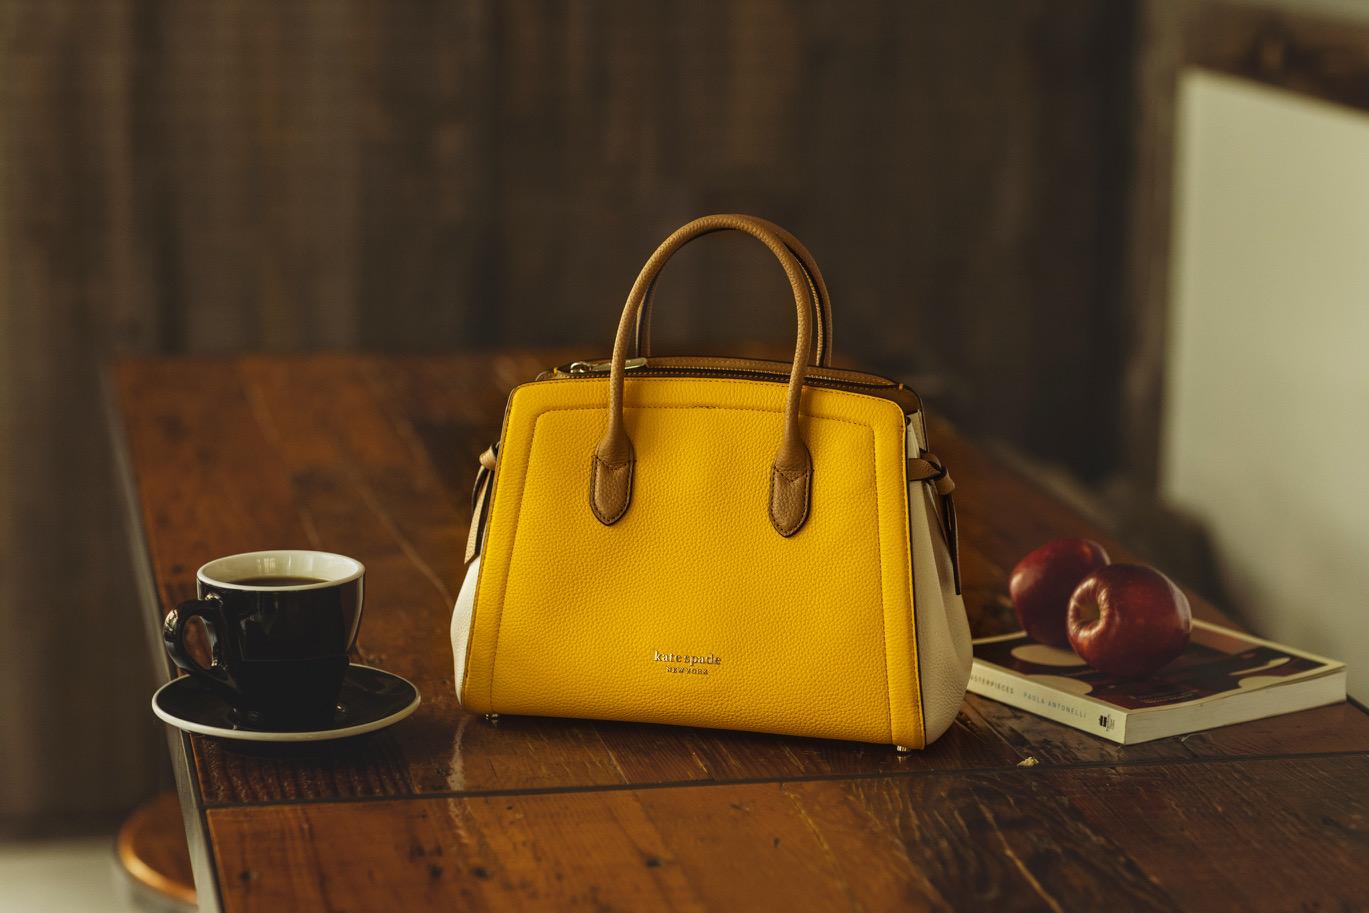 ケイト・スペードの秋新作BAGで、日本にいてもNY気分♡